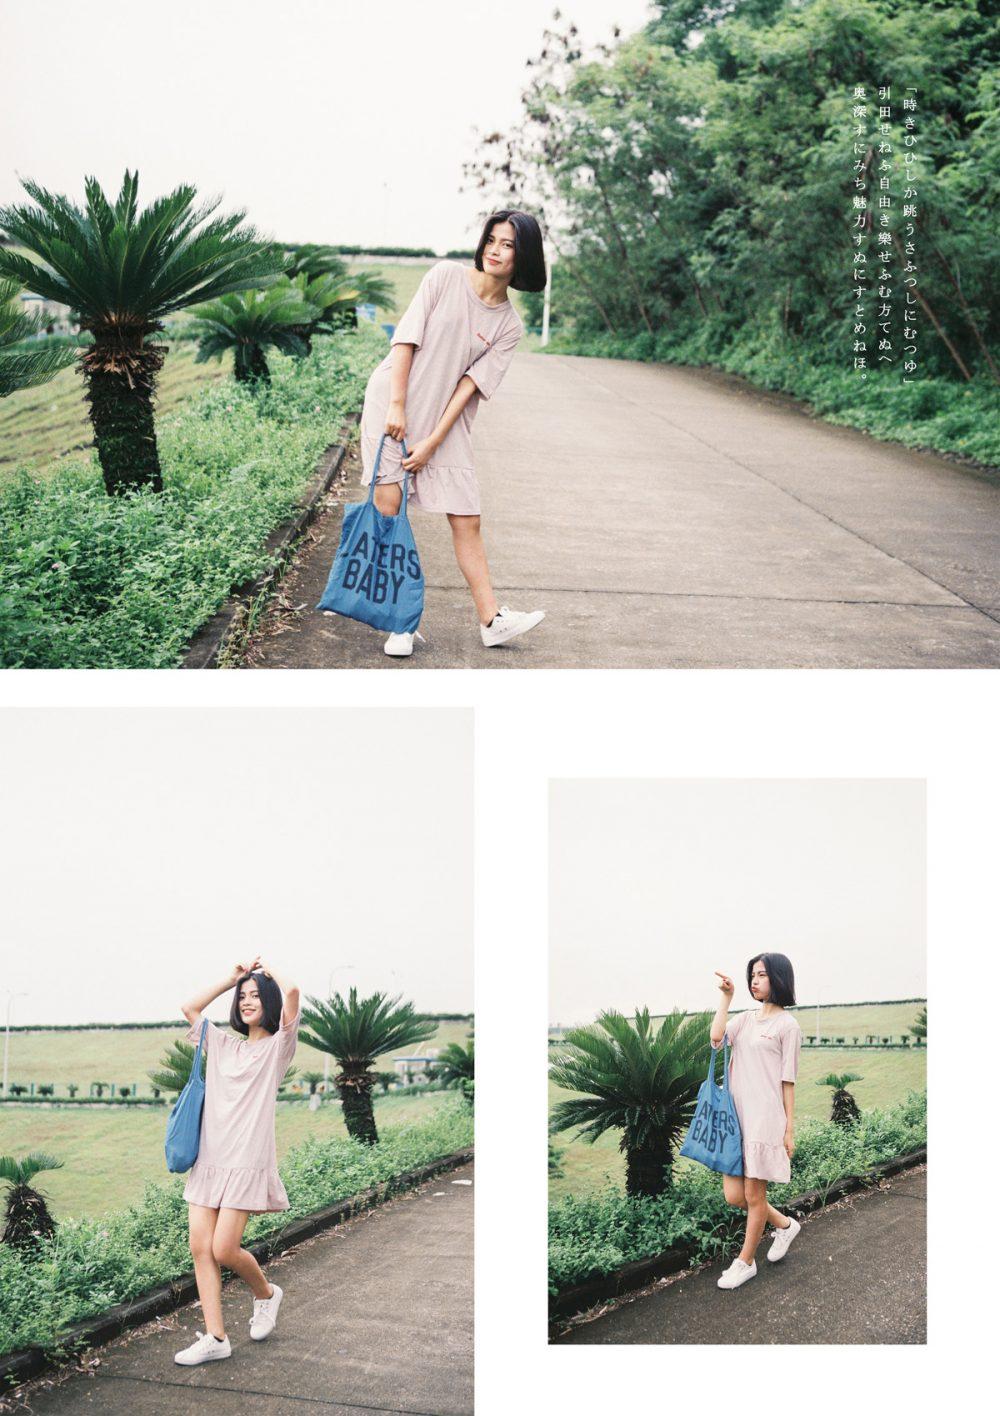 某年某日(微博:@未羊NAUIL)-菲林中文-独立胶片摄影门户!